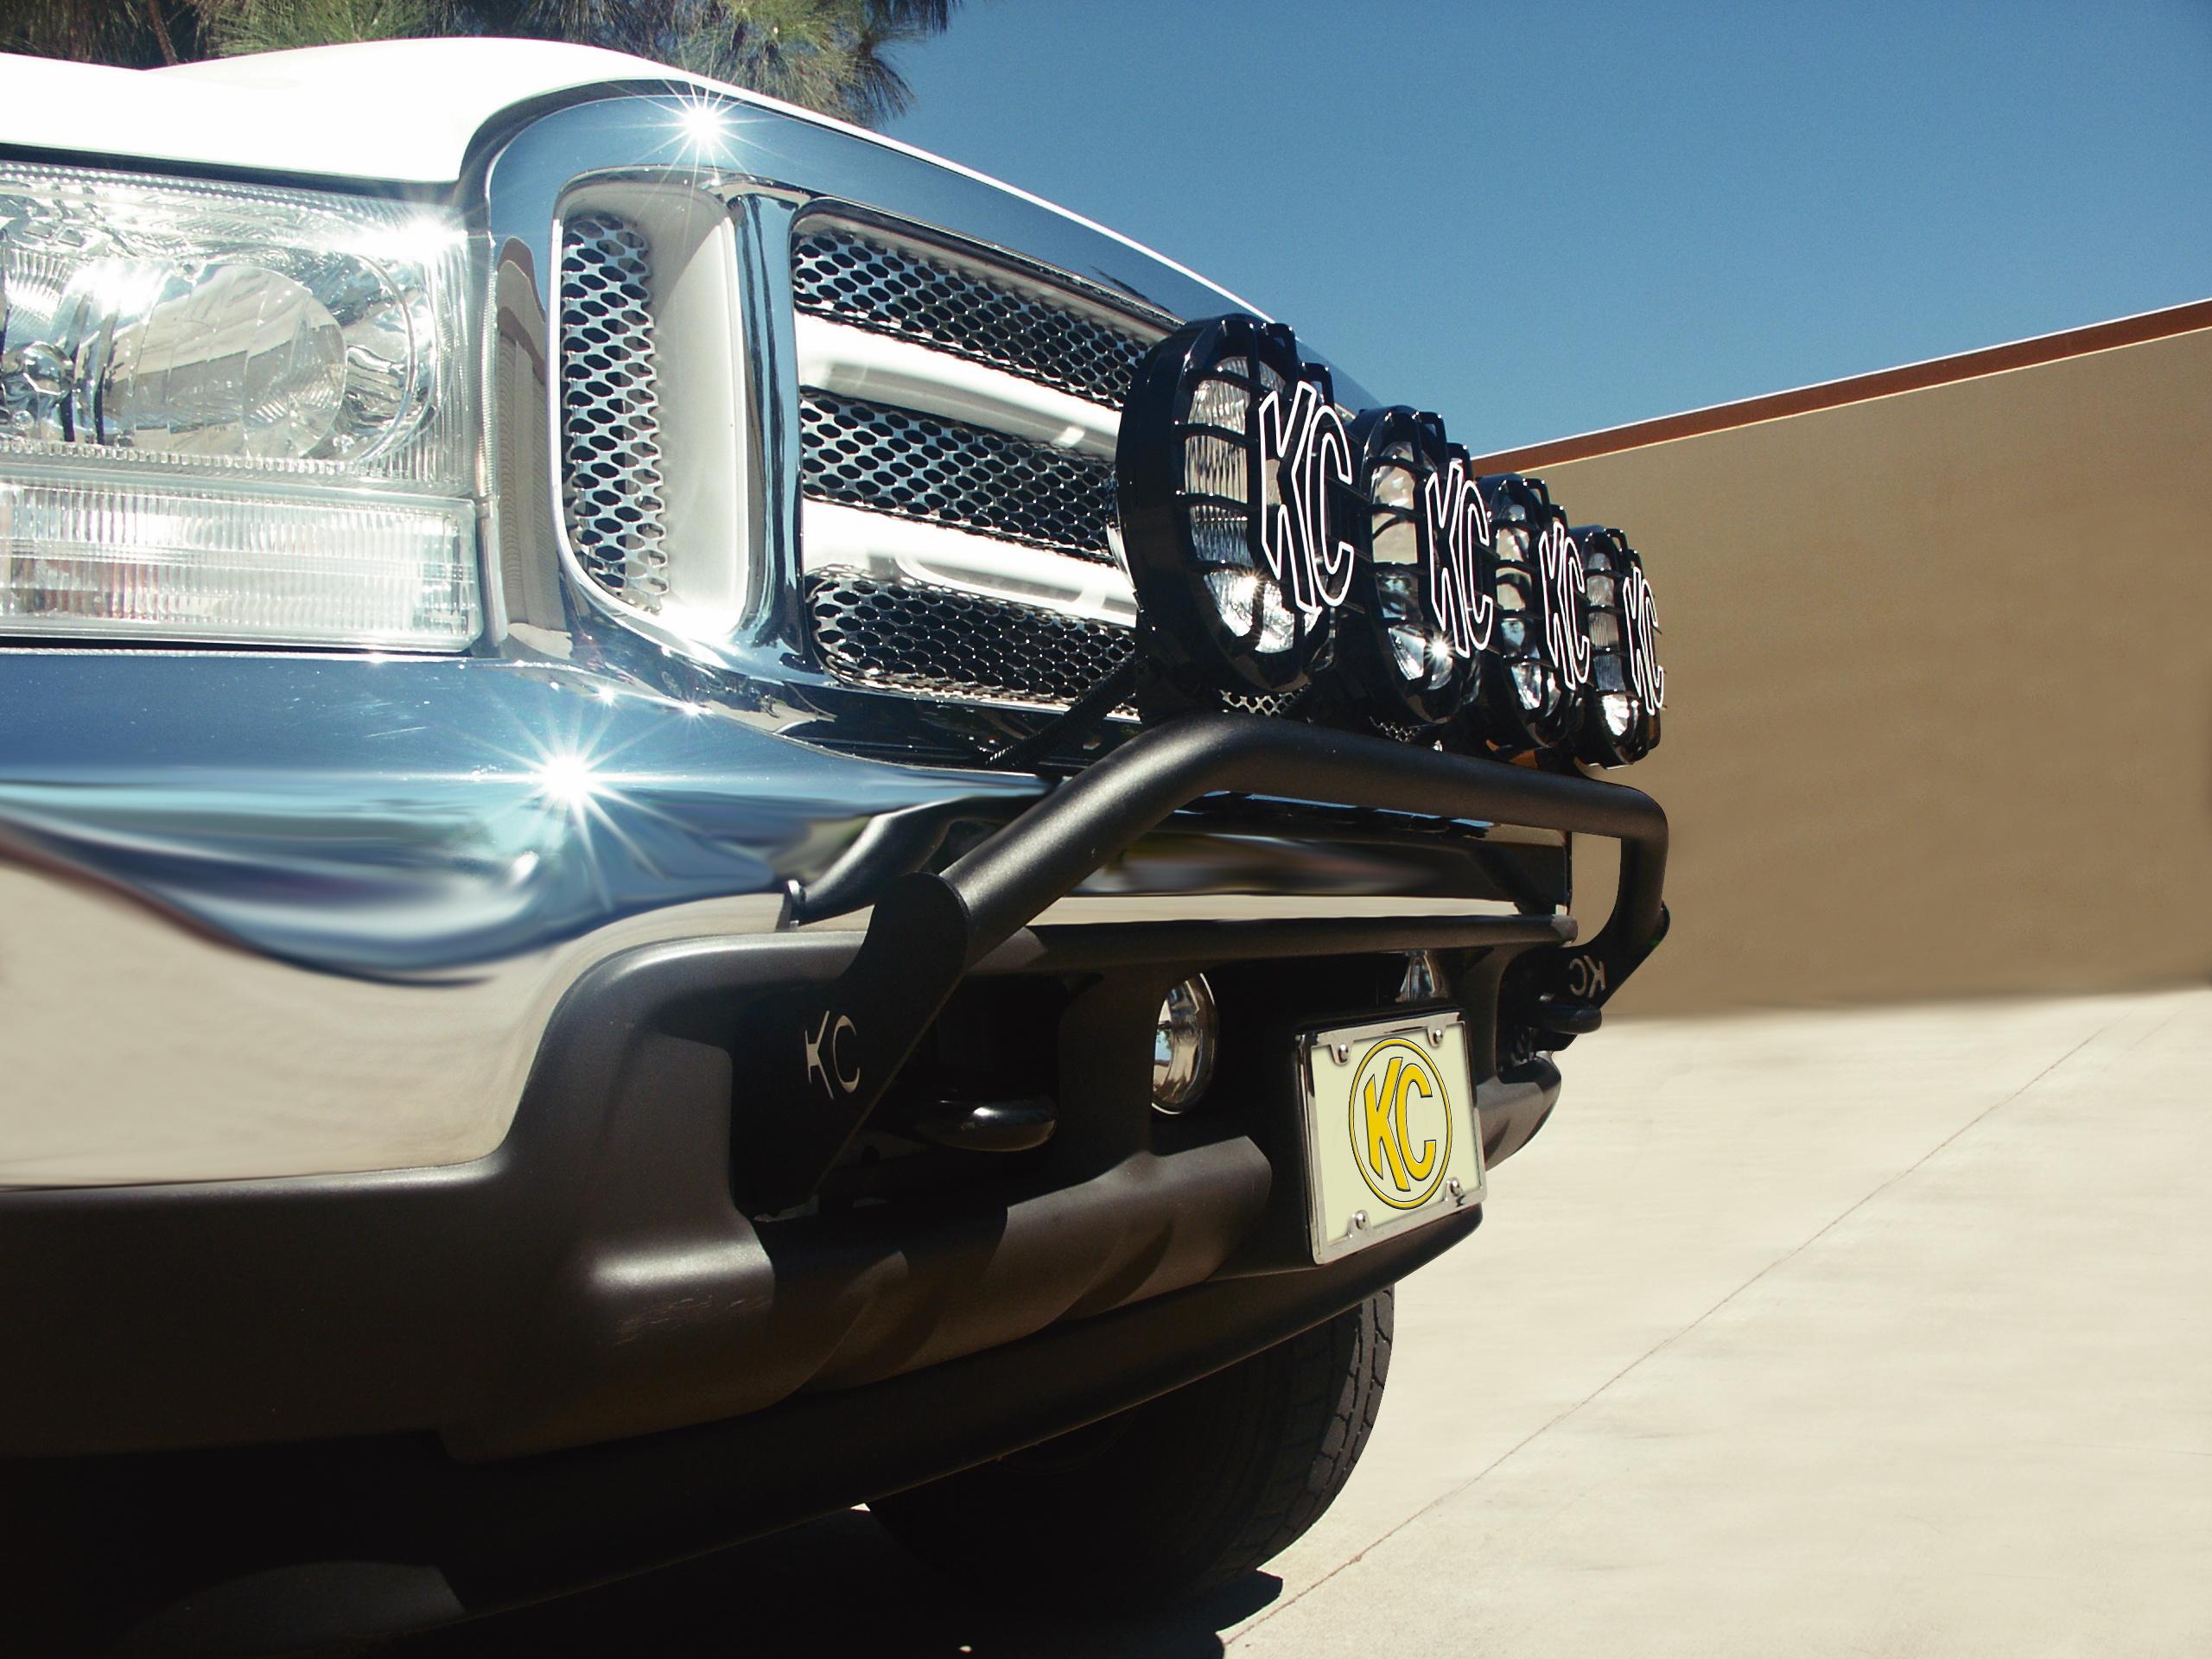 KC Hilites Front Light Bars